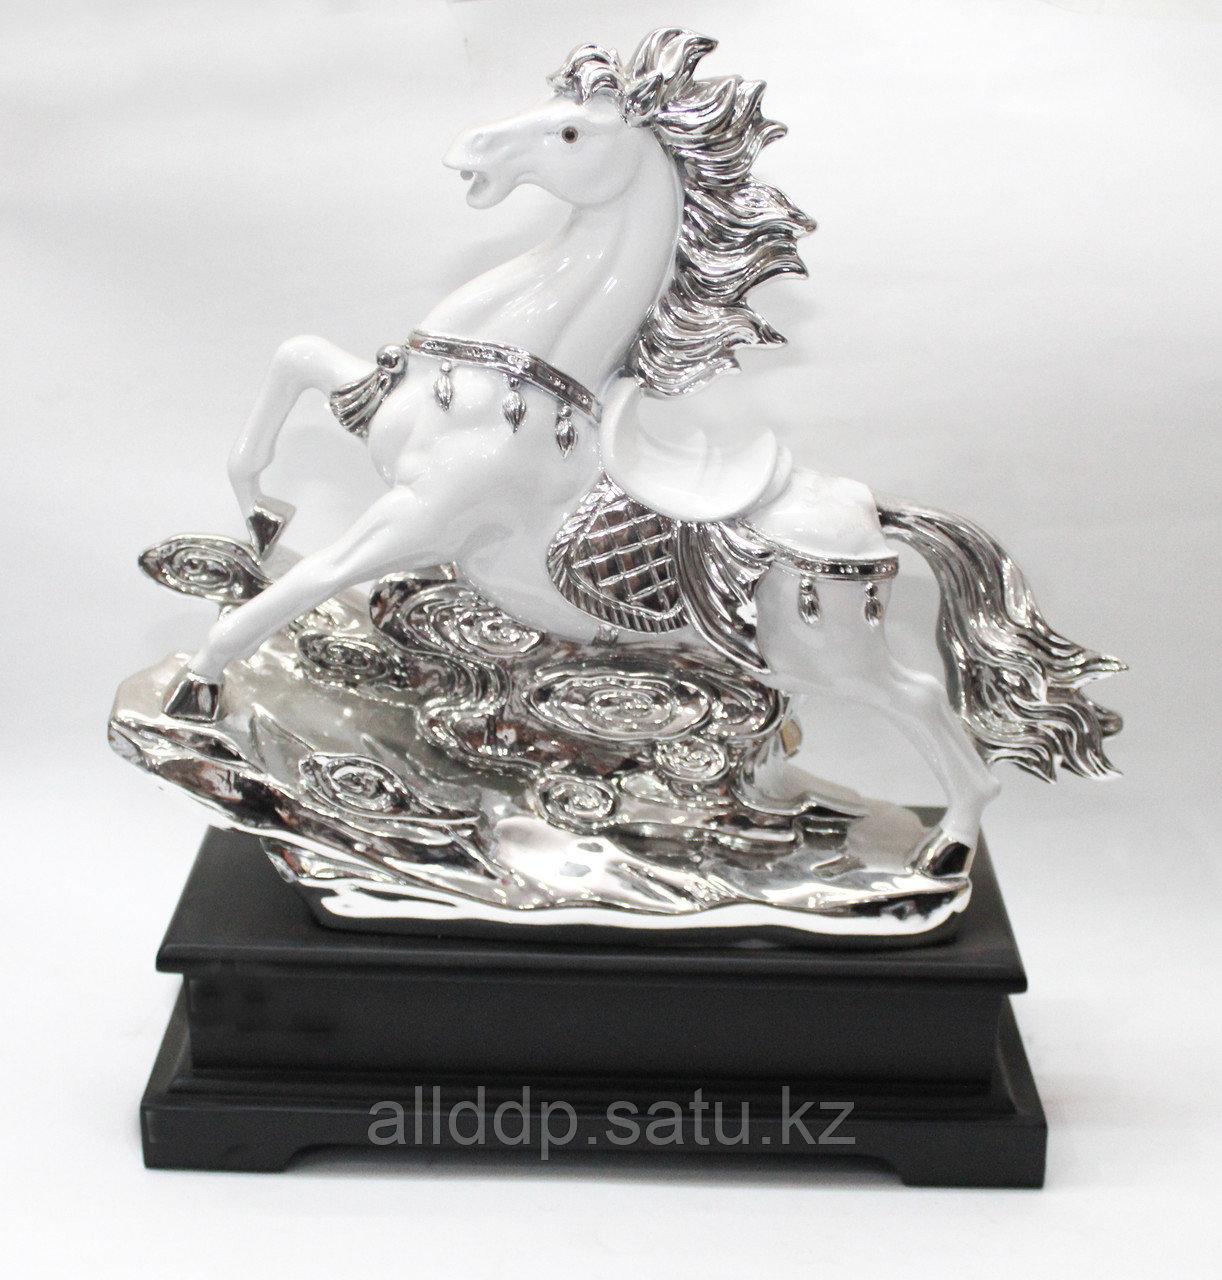 """Статуэтка """"Лошадь 2155"""", 38*30 см"""